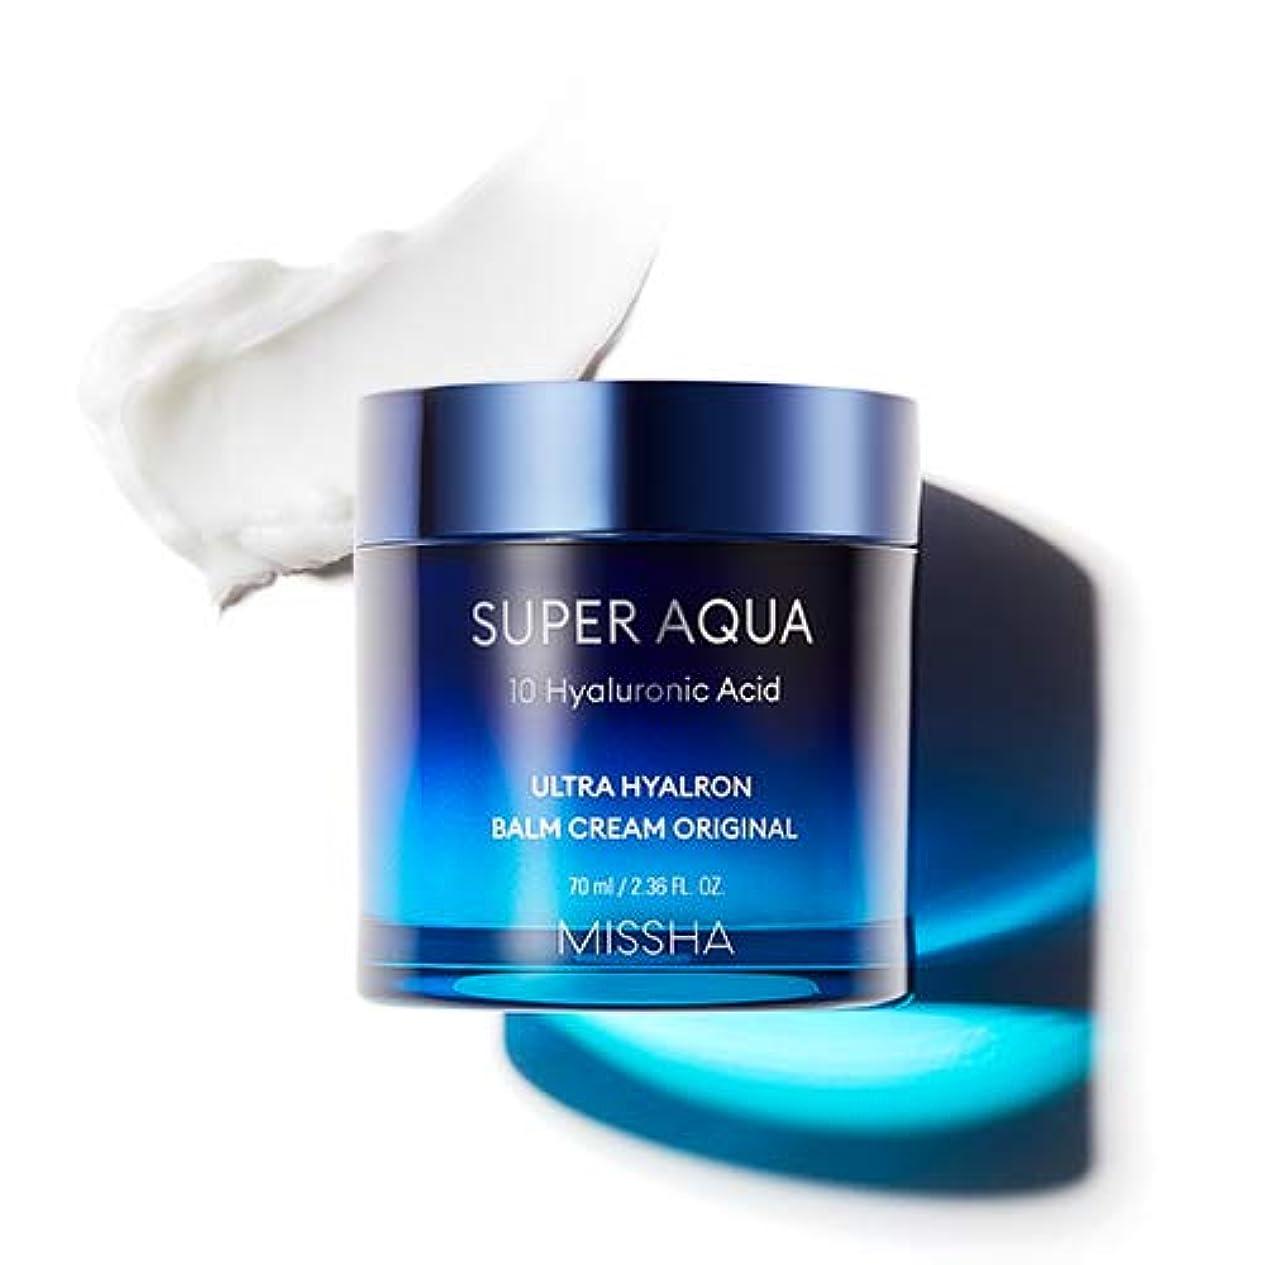 実現可能性重要性地区MISSHA Super Aqua Ultra Hyalron Balm Cream Original ミシャ スーパーアクア ウルトラ ヒアルロン バーム クリーム オリジナル 70ml [並行輸入品]